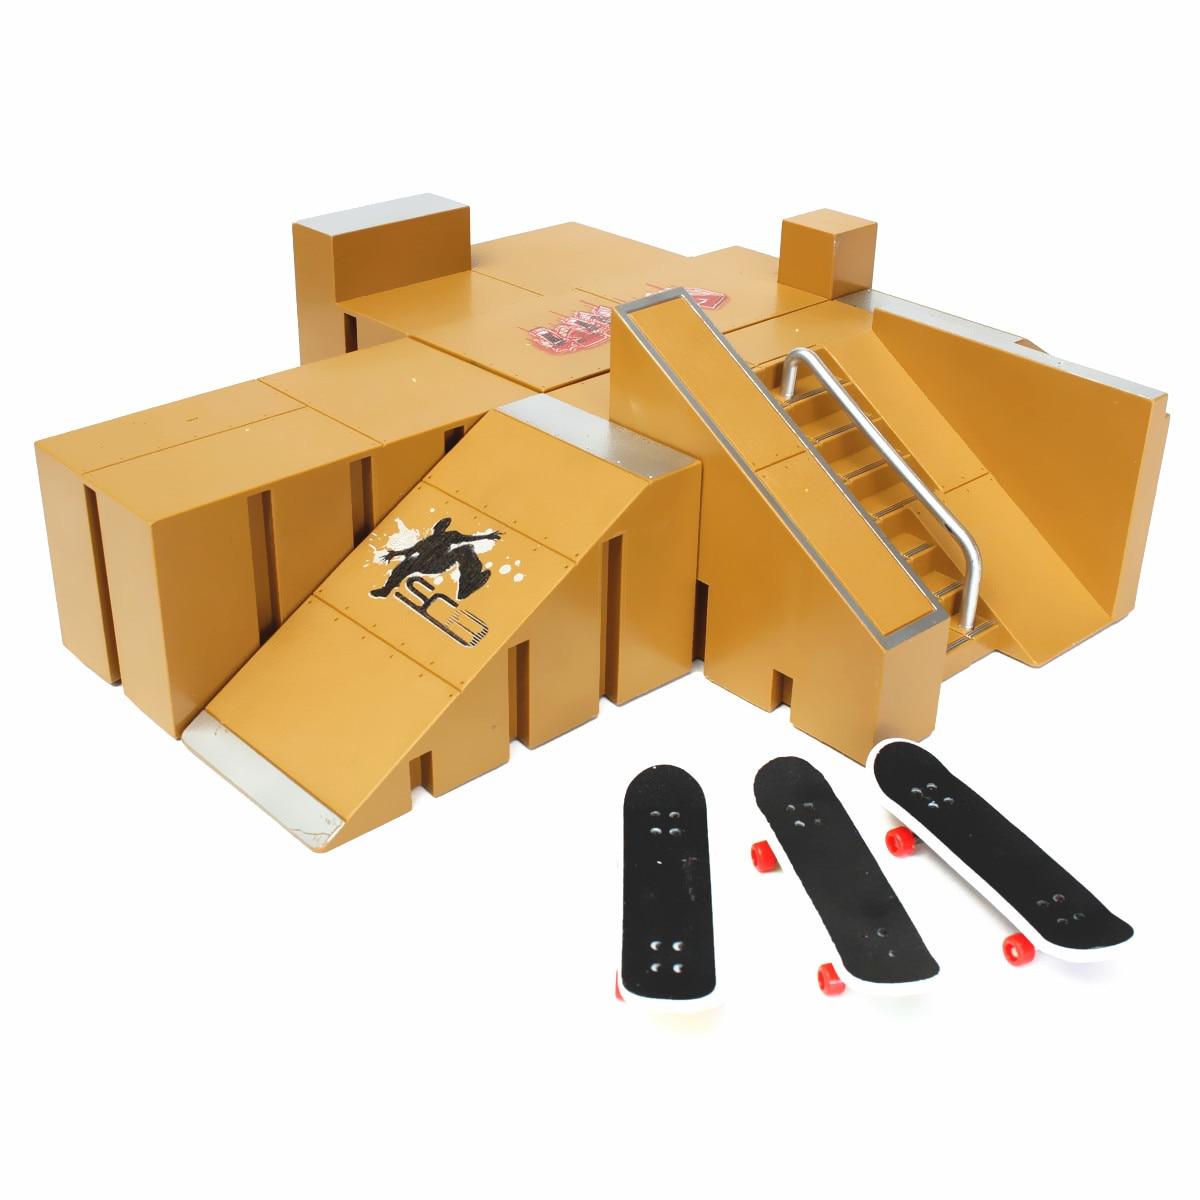 rampe skate board d occasion 120 vendre pas cher. Black Bedroom Furniture Sets. Home Design Ideas